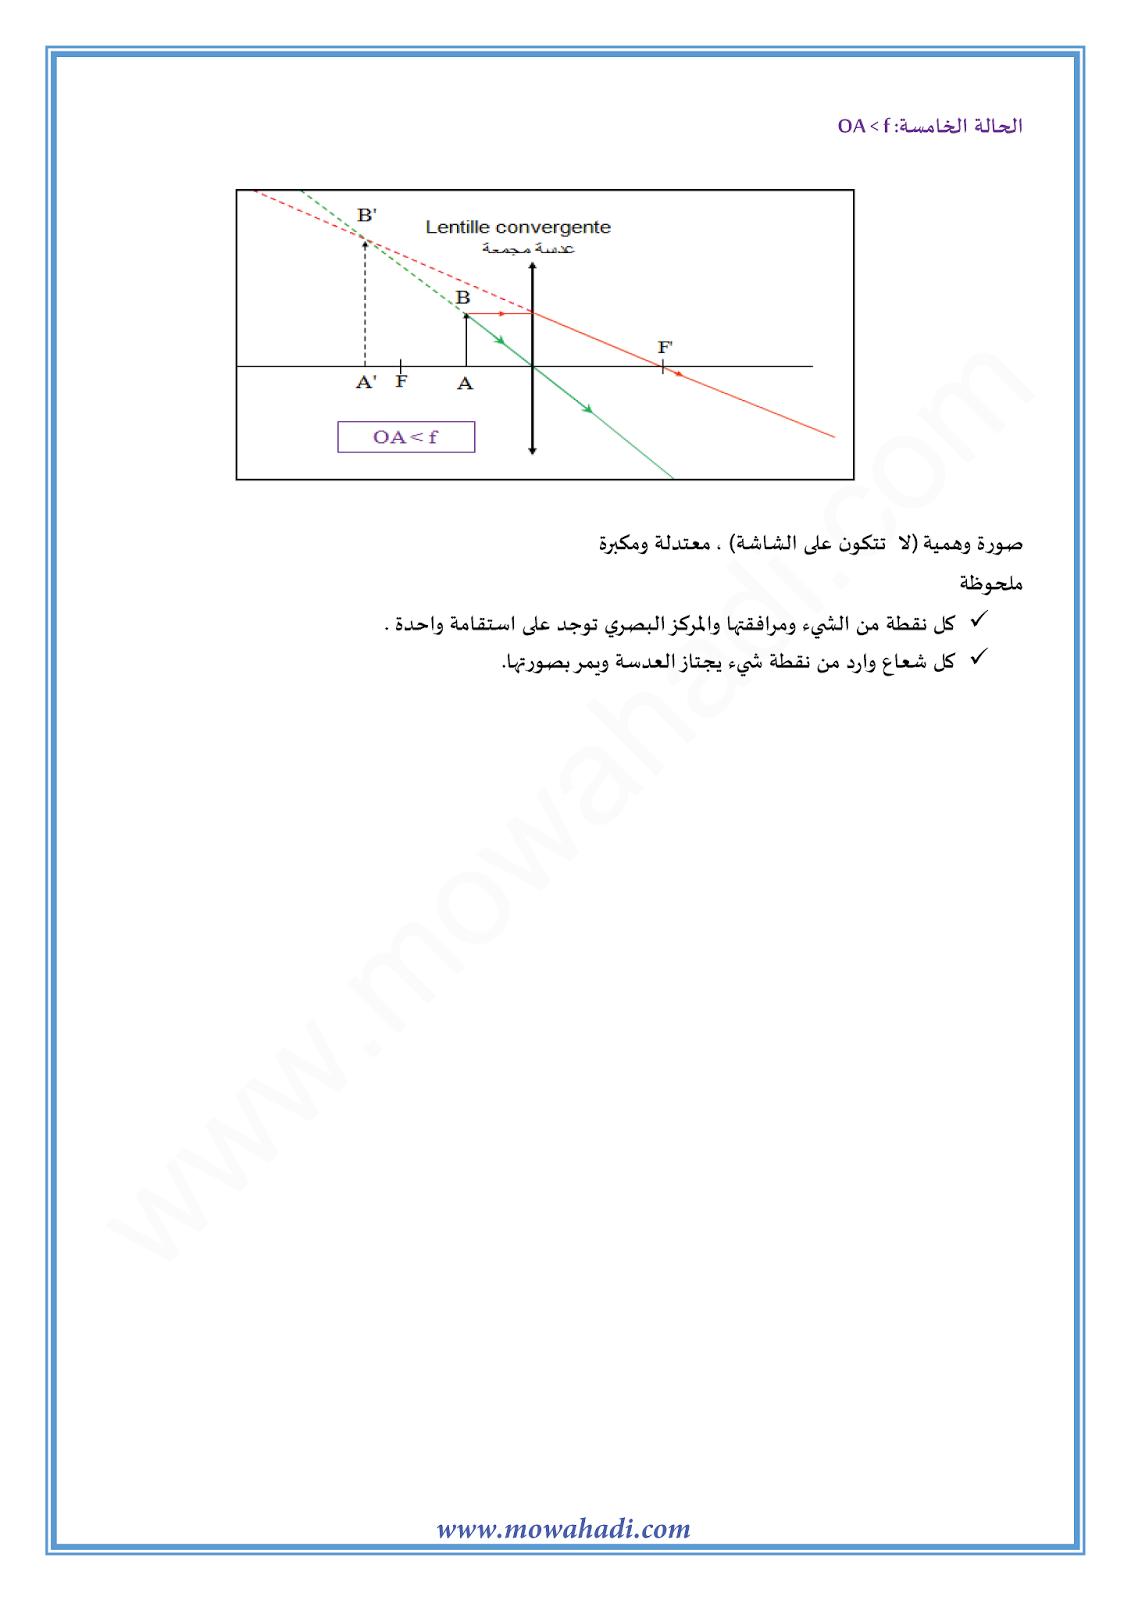 العدسات الرقيقة :الانشاء الهندسي للصورة-5